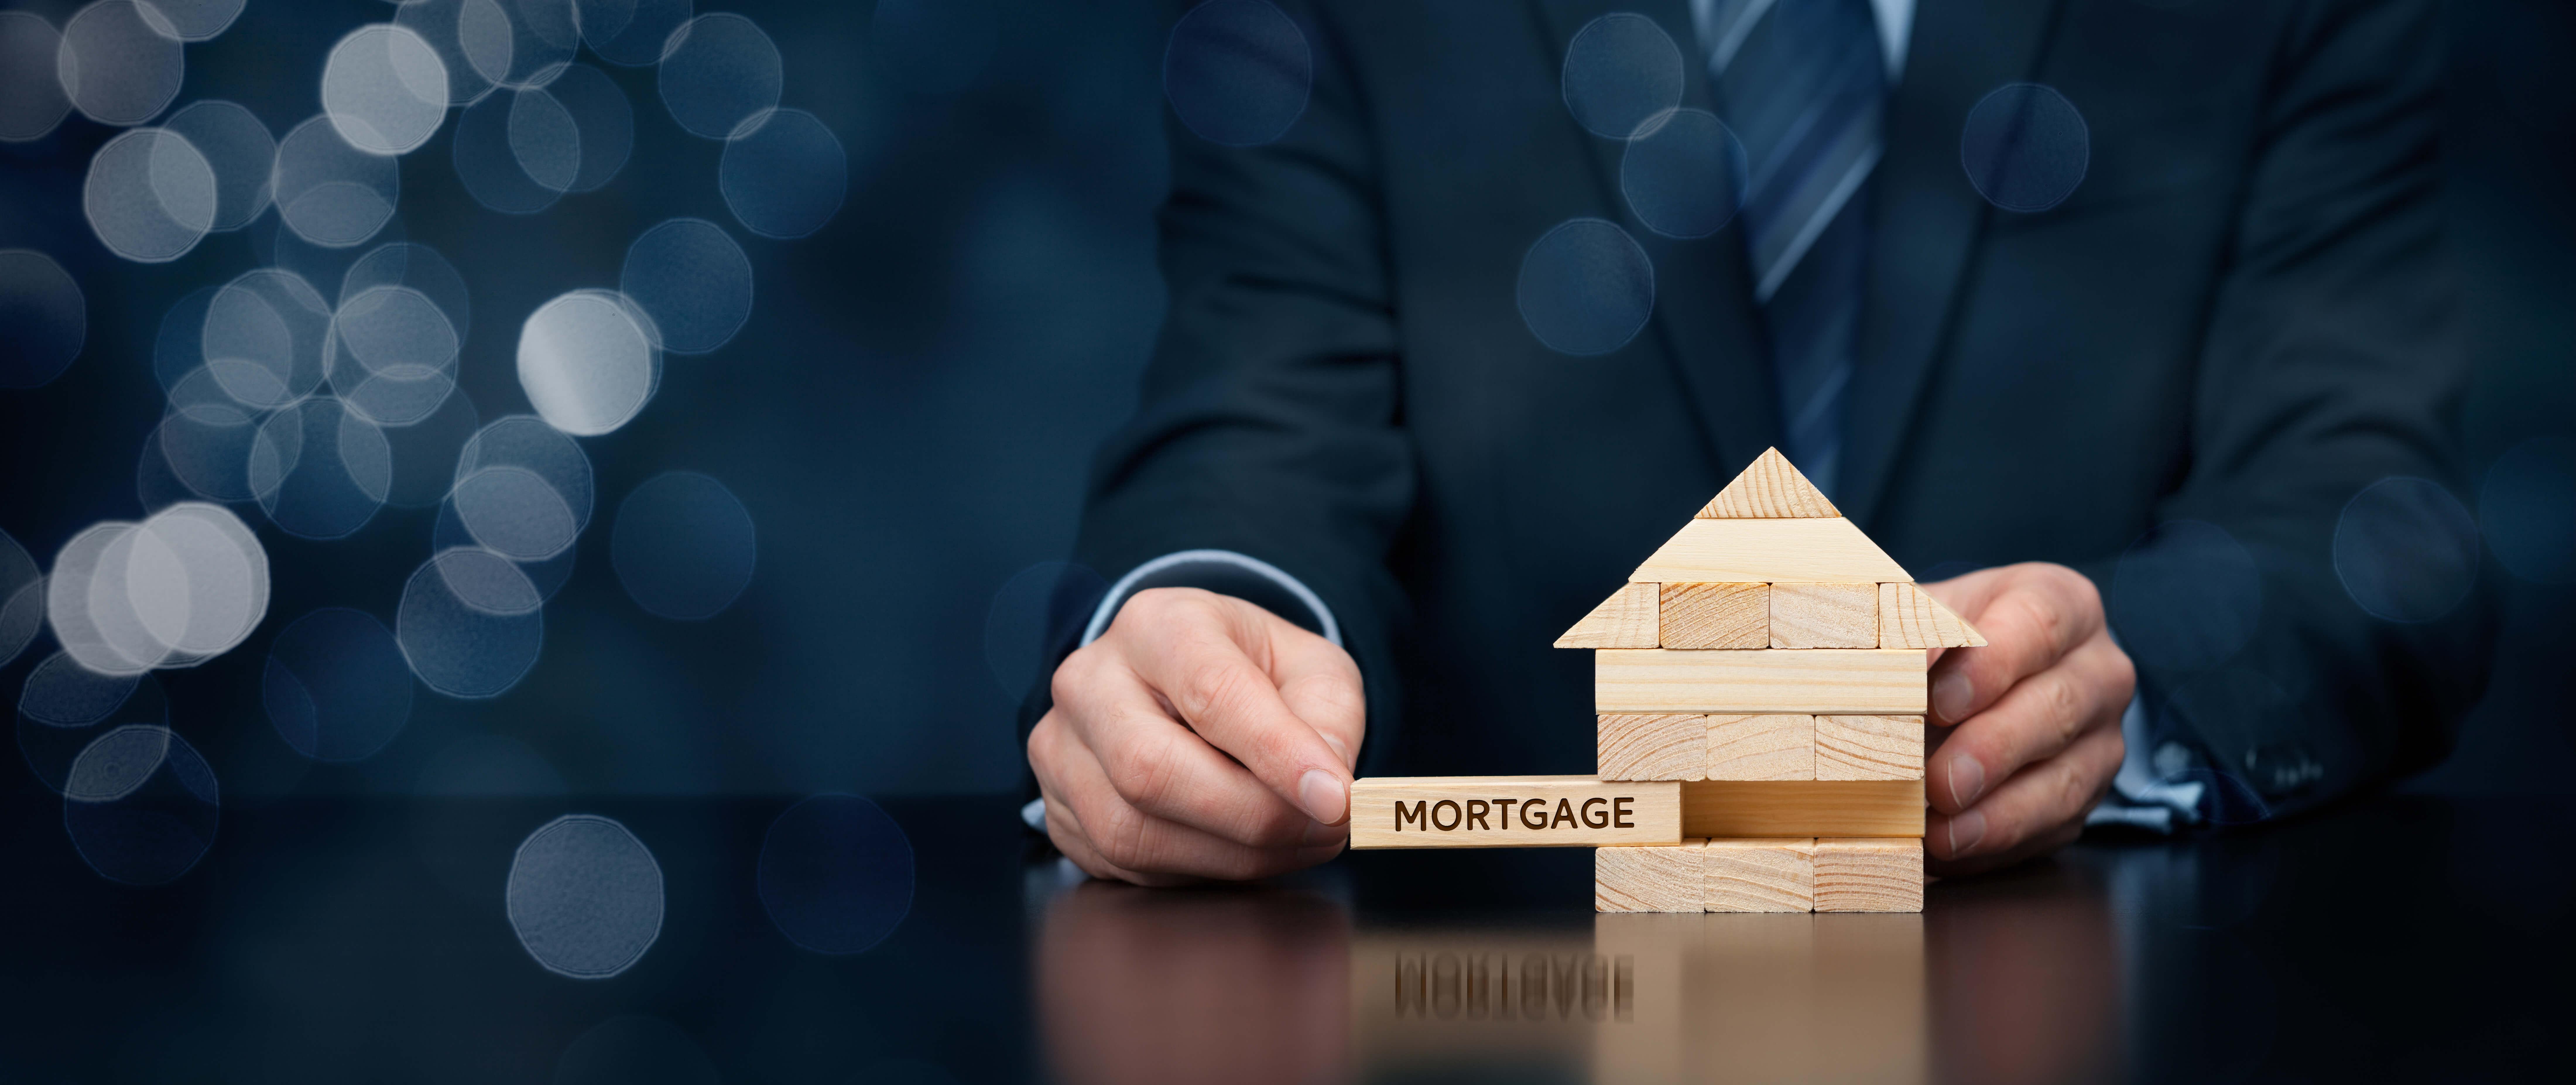 levensverzekering hypotheek gegarandeerd eindkapitaal oversluiten levensverzekering